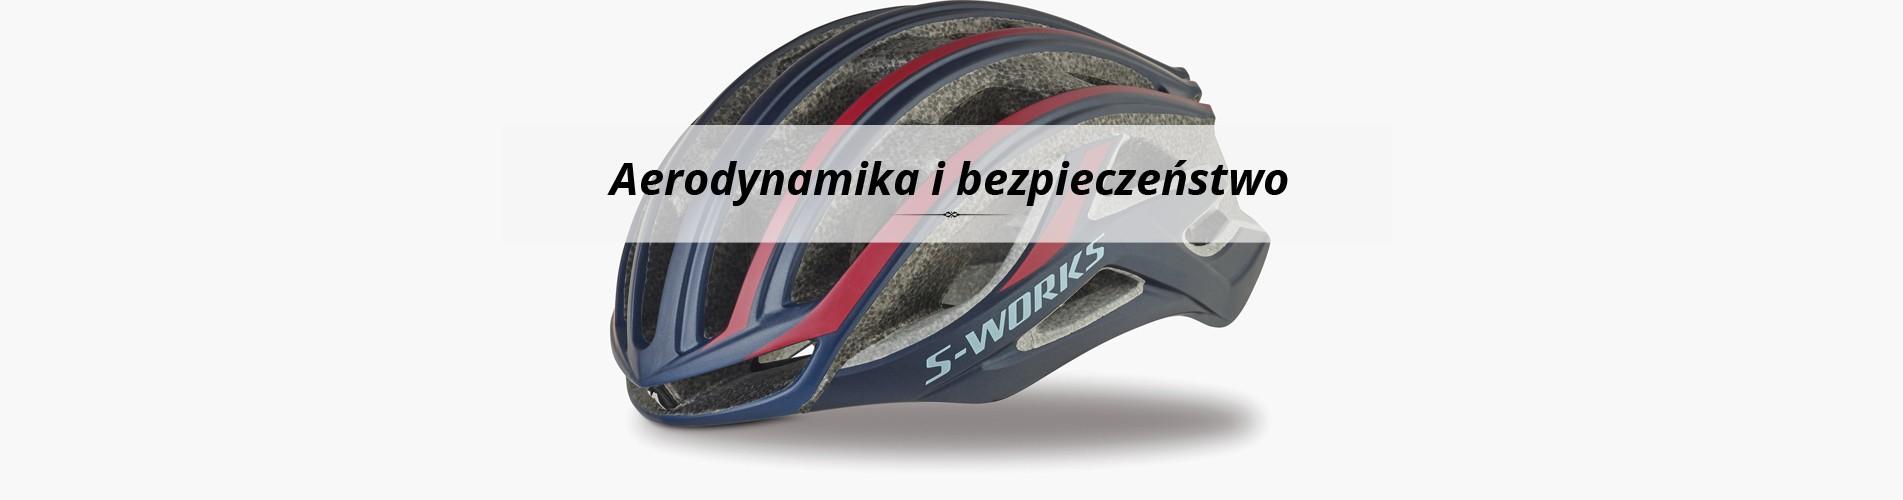 Aerodynamika i wygoda - Kaski Specialized